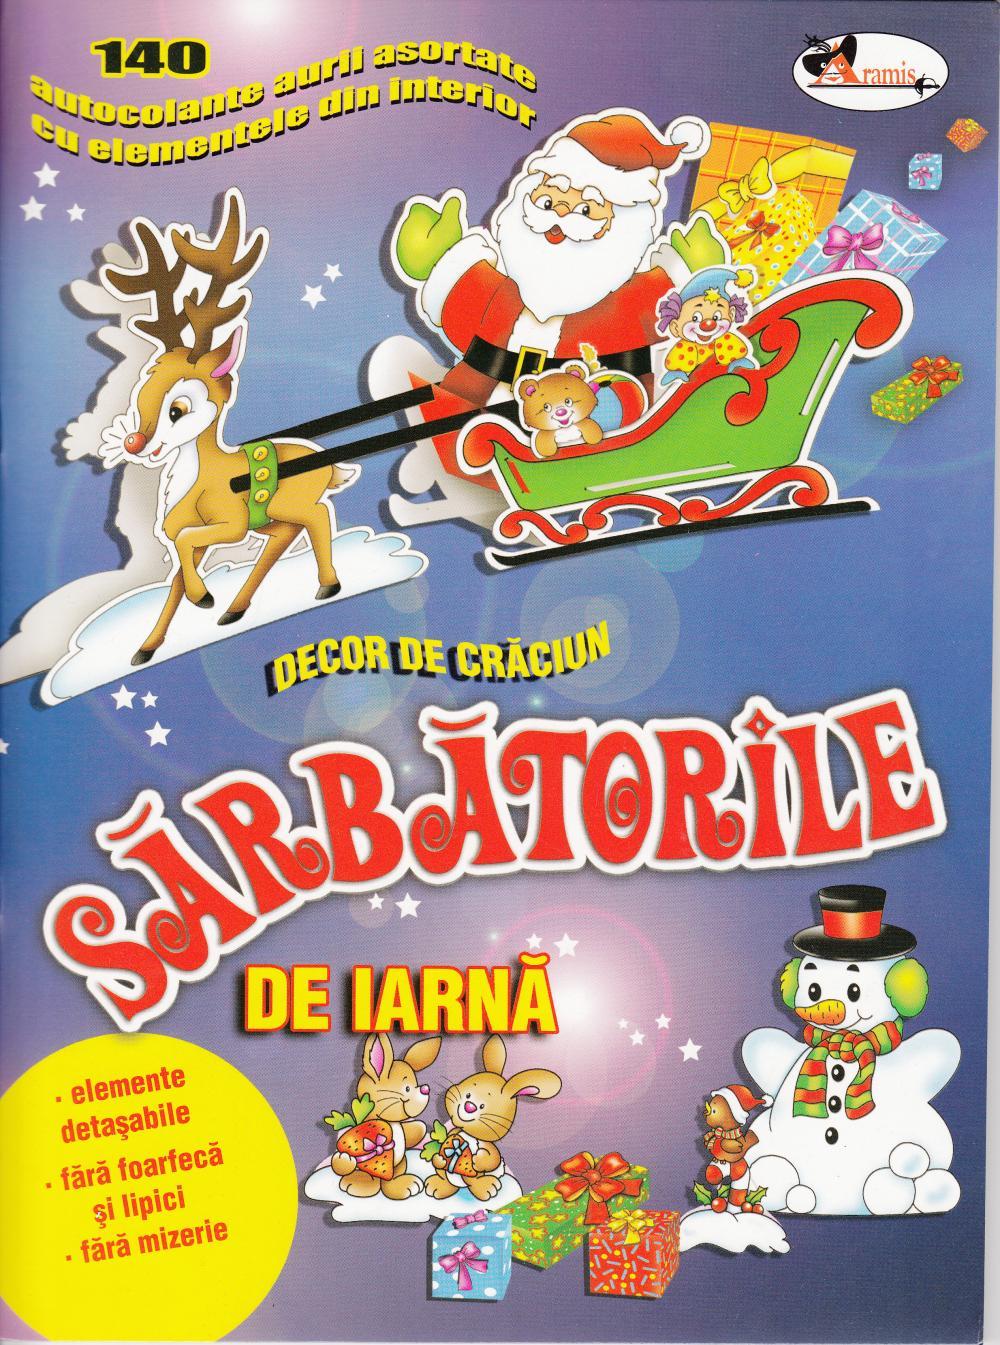 SARBATORILE DE IARNA - DECOR DE CRACIUN ( CARTE DE ACTIVITATI CU AUTOCOLANTE )